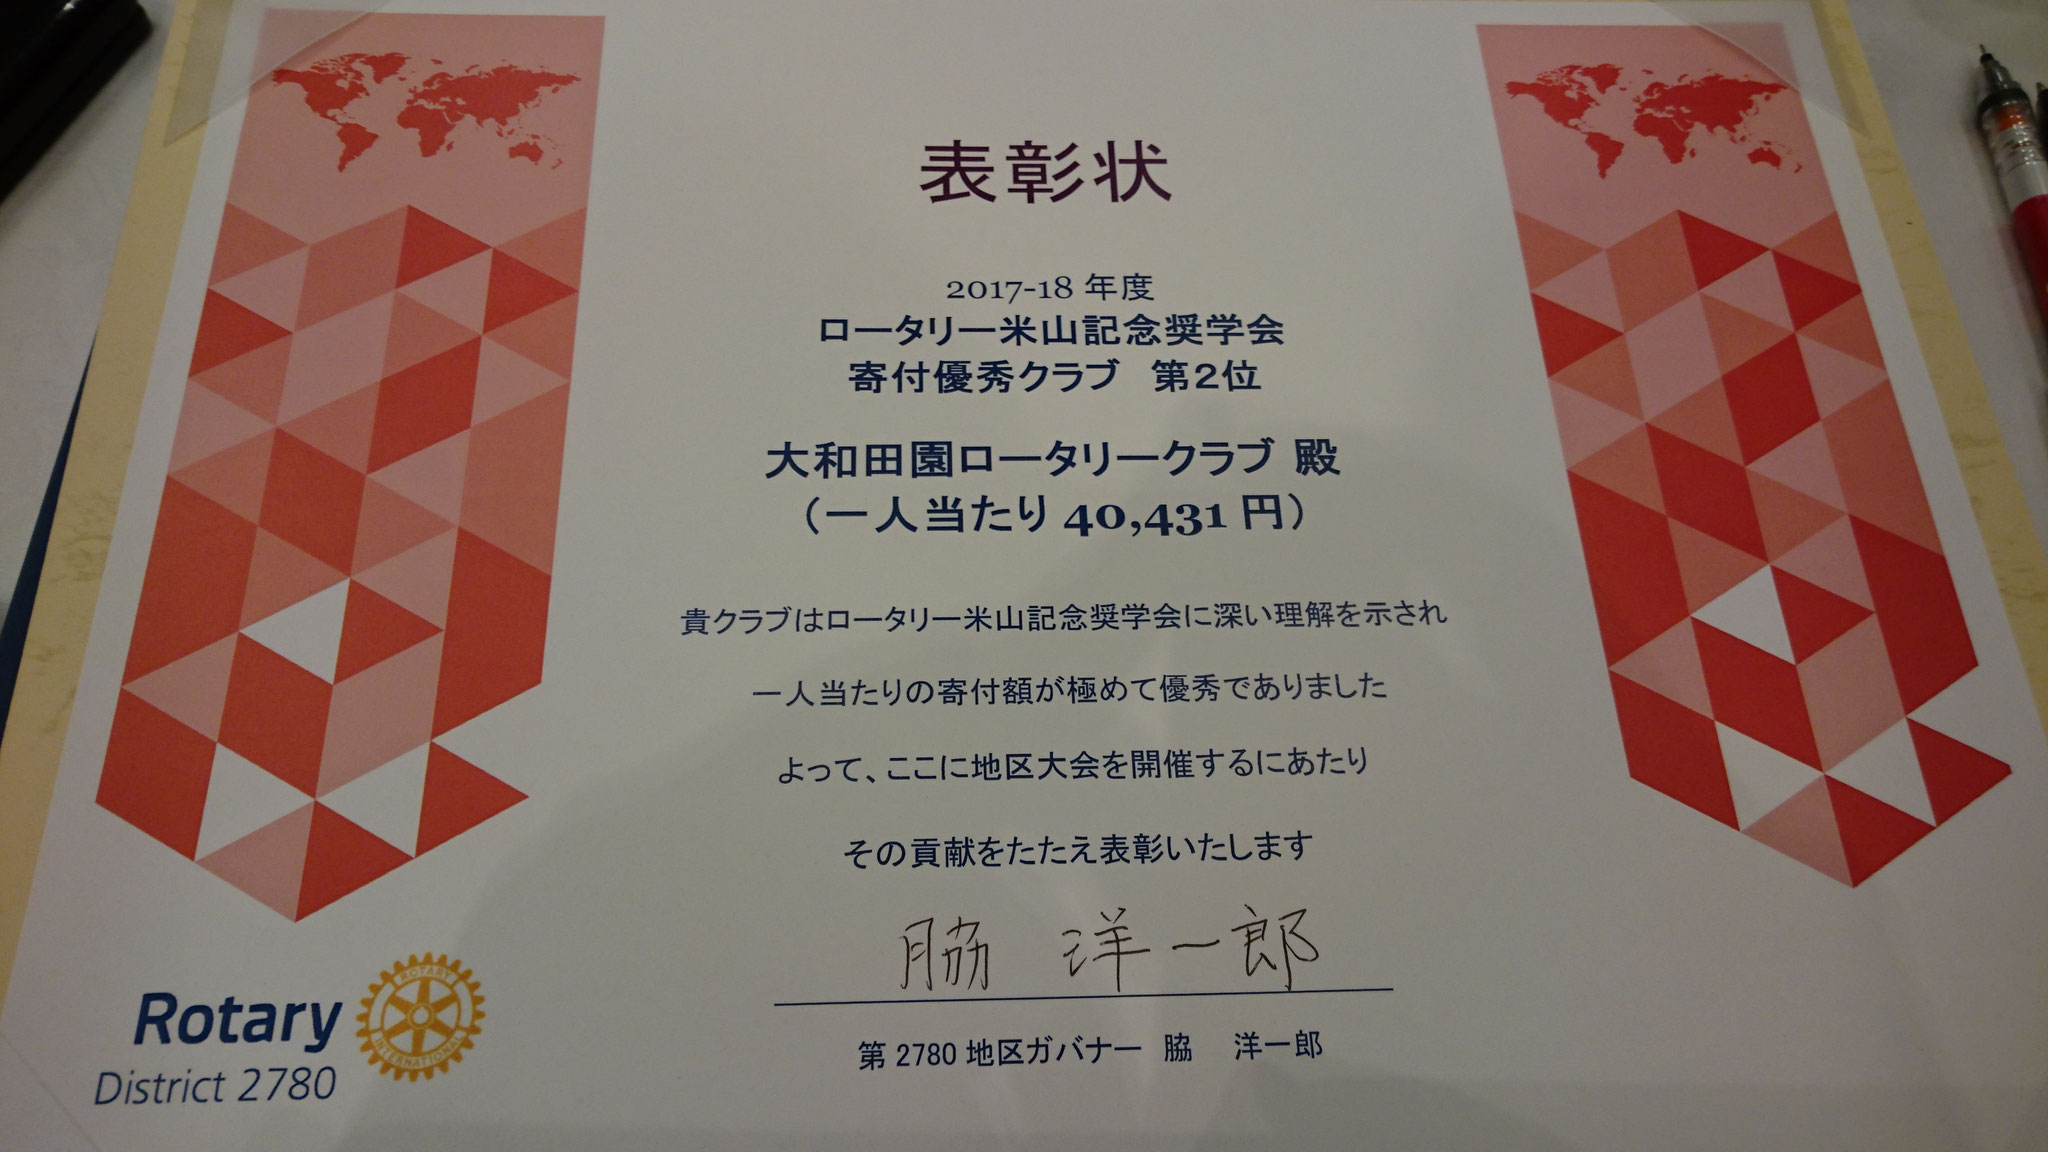 ロータリー米山記念奨学会 表彰